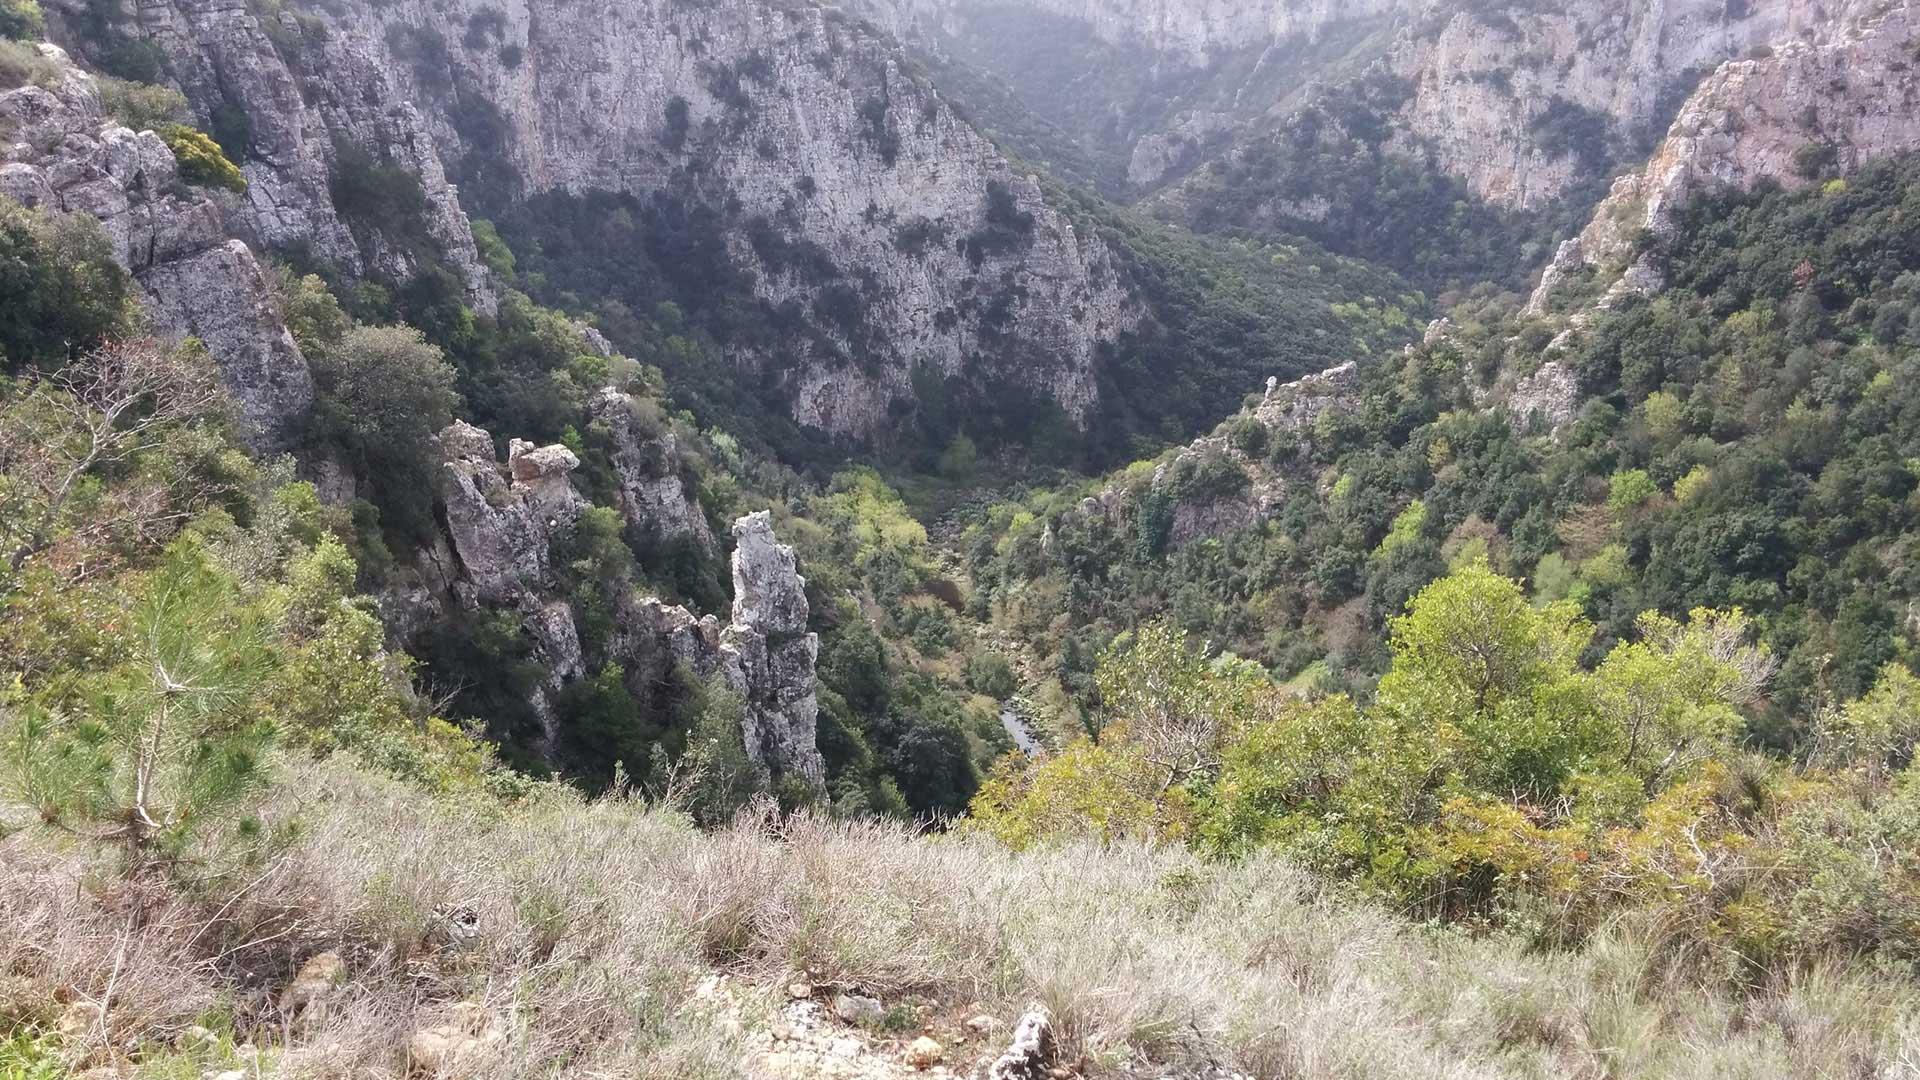 Torre-dell-orso